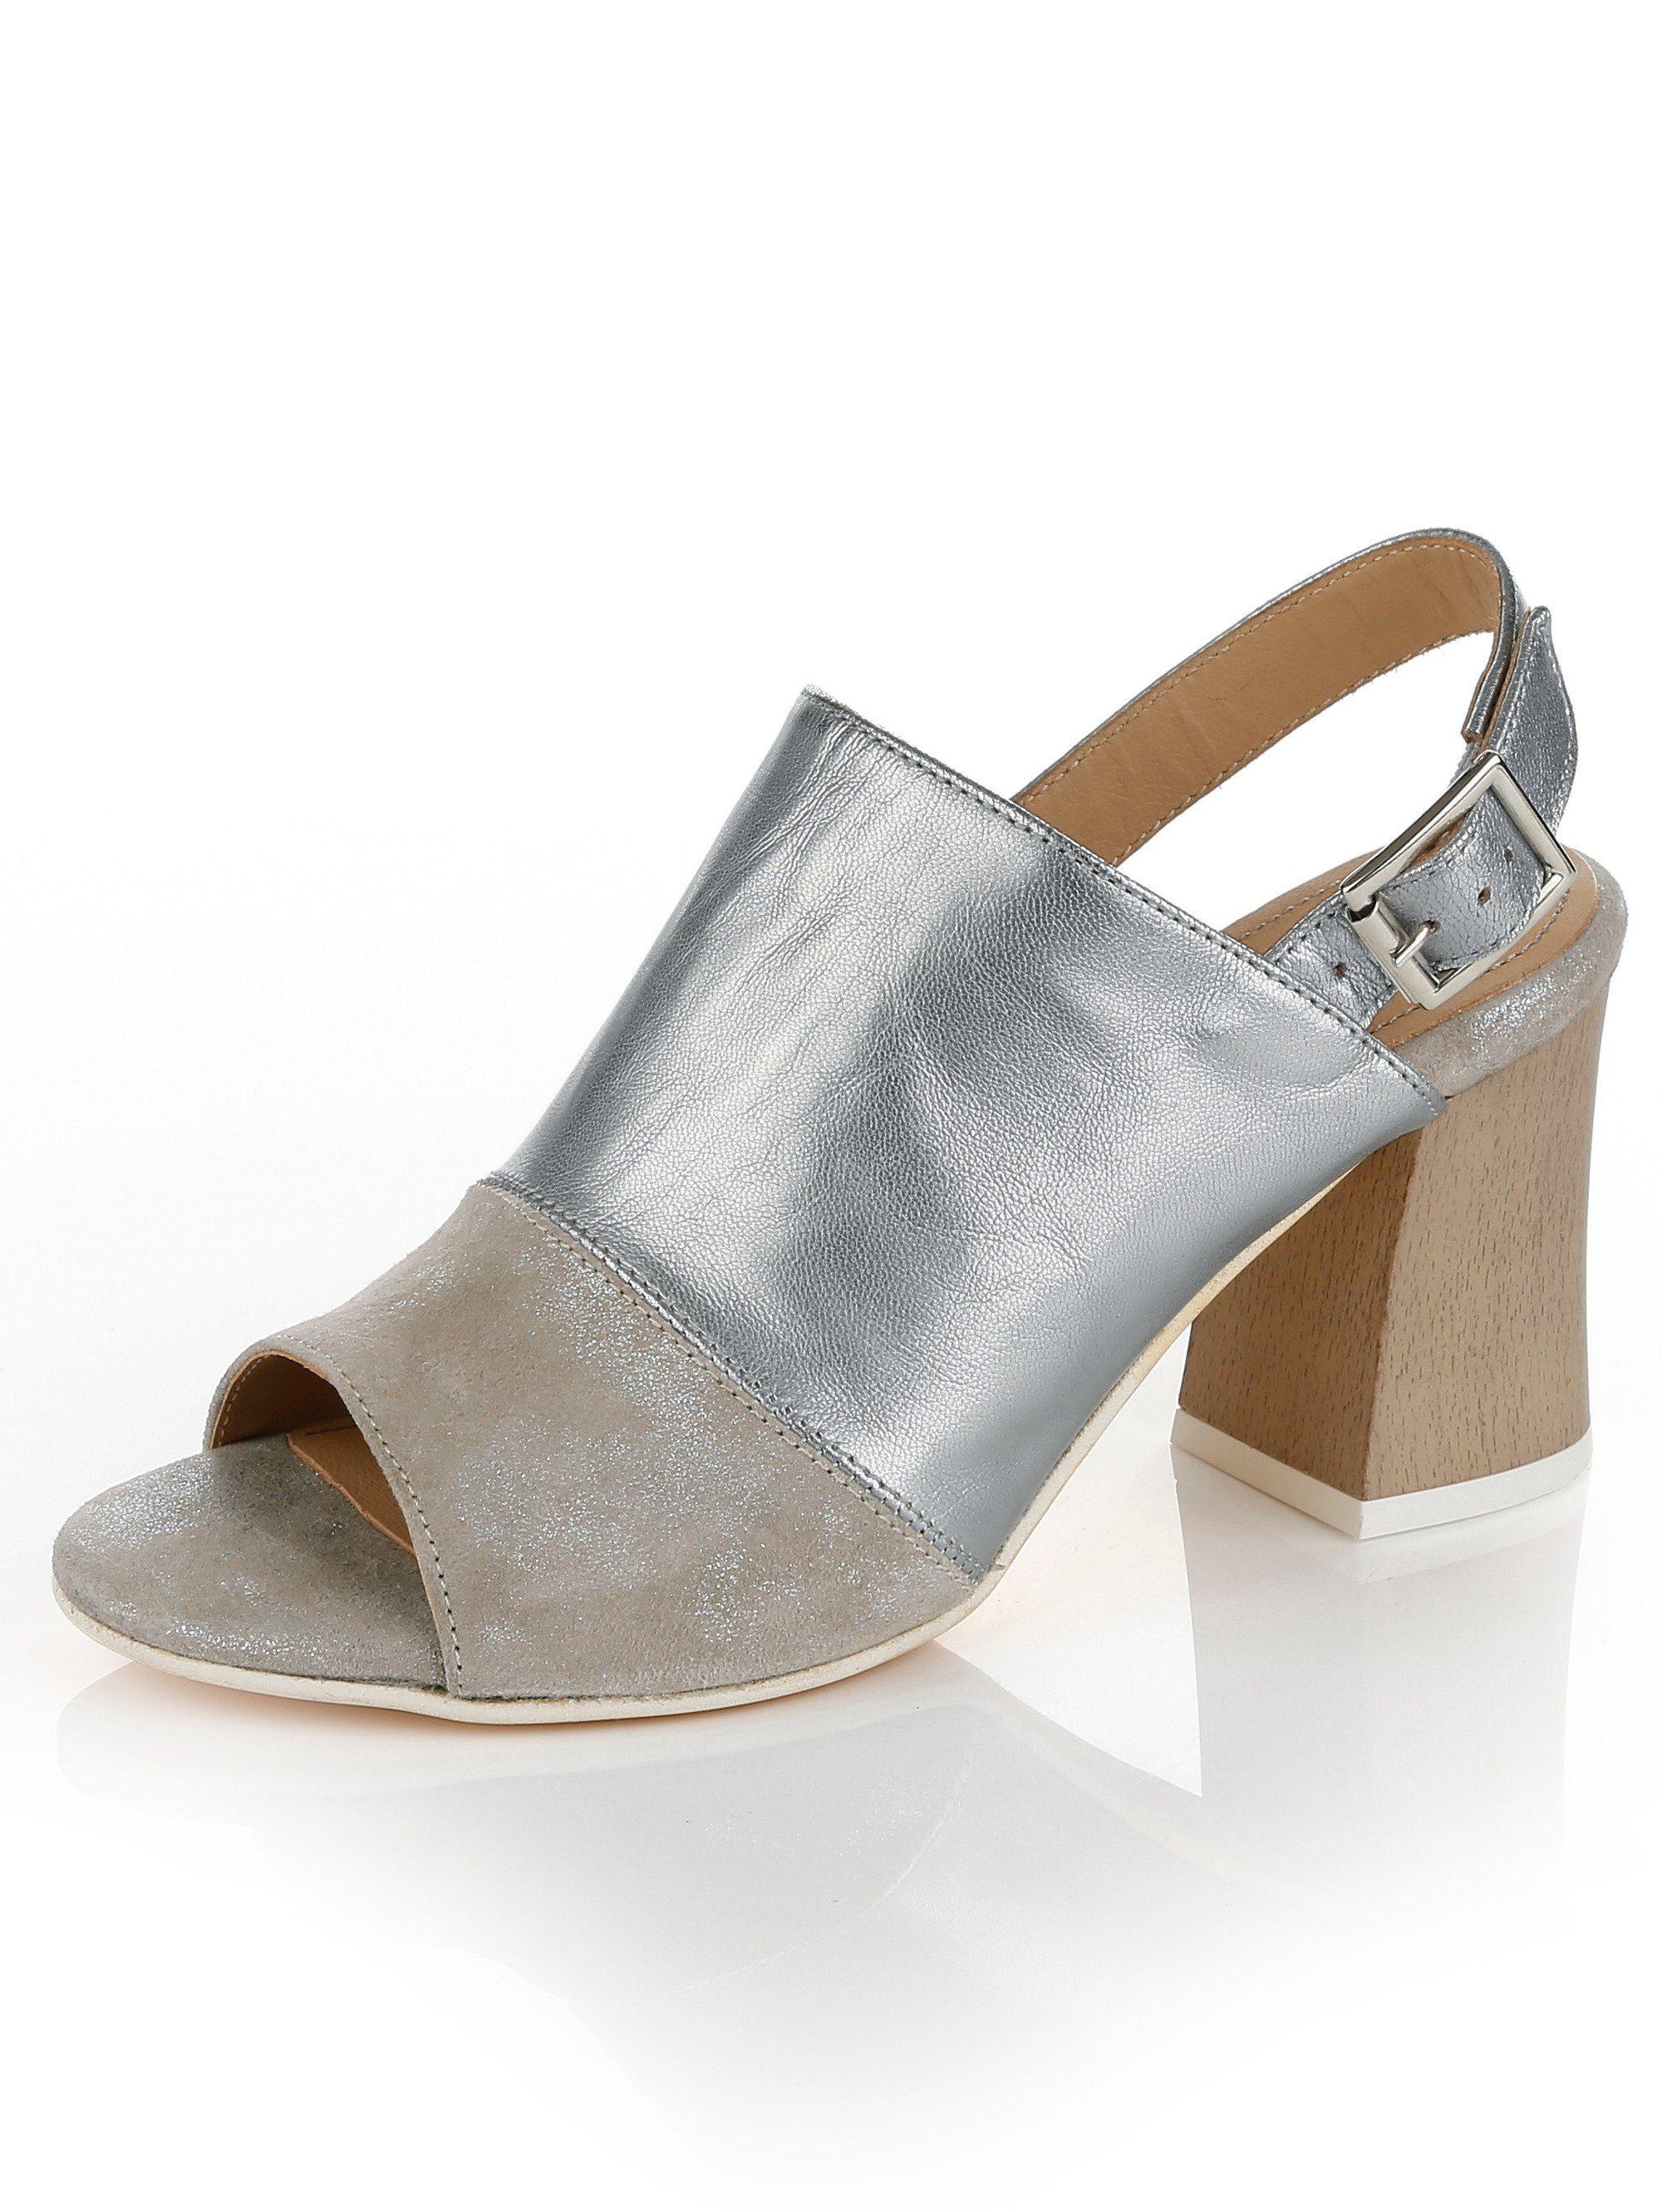 Alba Moda Sandalette mit Blockabsatz online kaufen  silberfb#ft5_slash#taupe